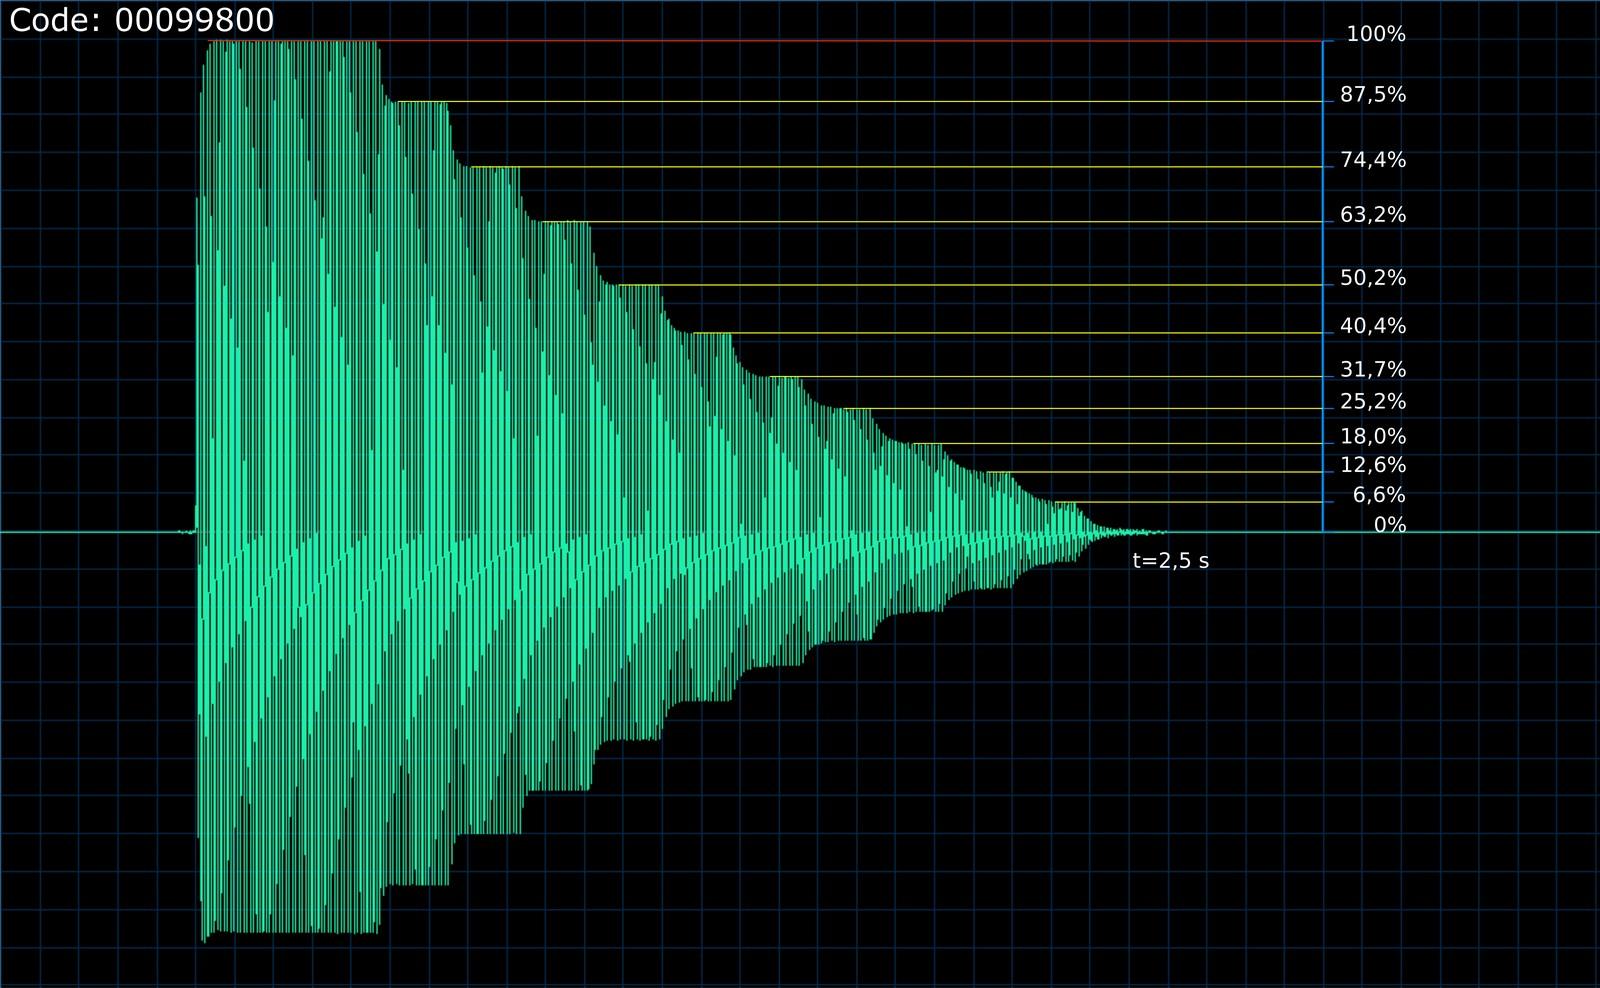 VL1 ADSR levels - waveform figure